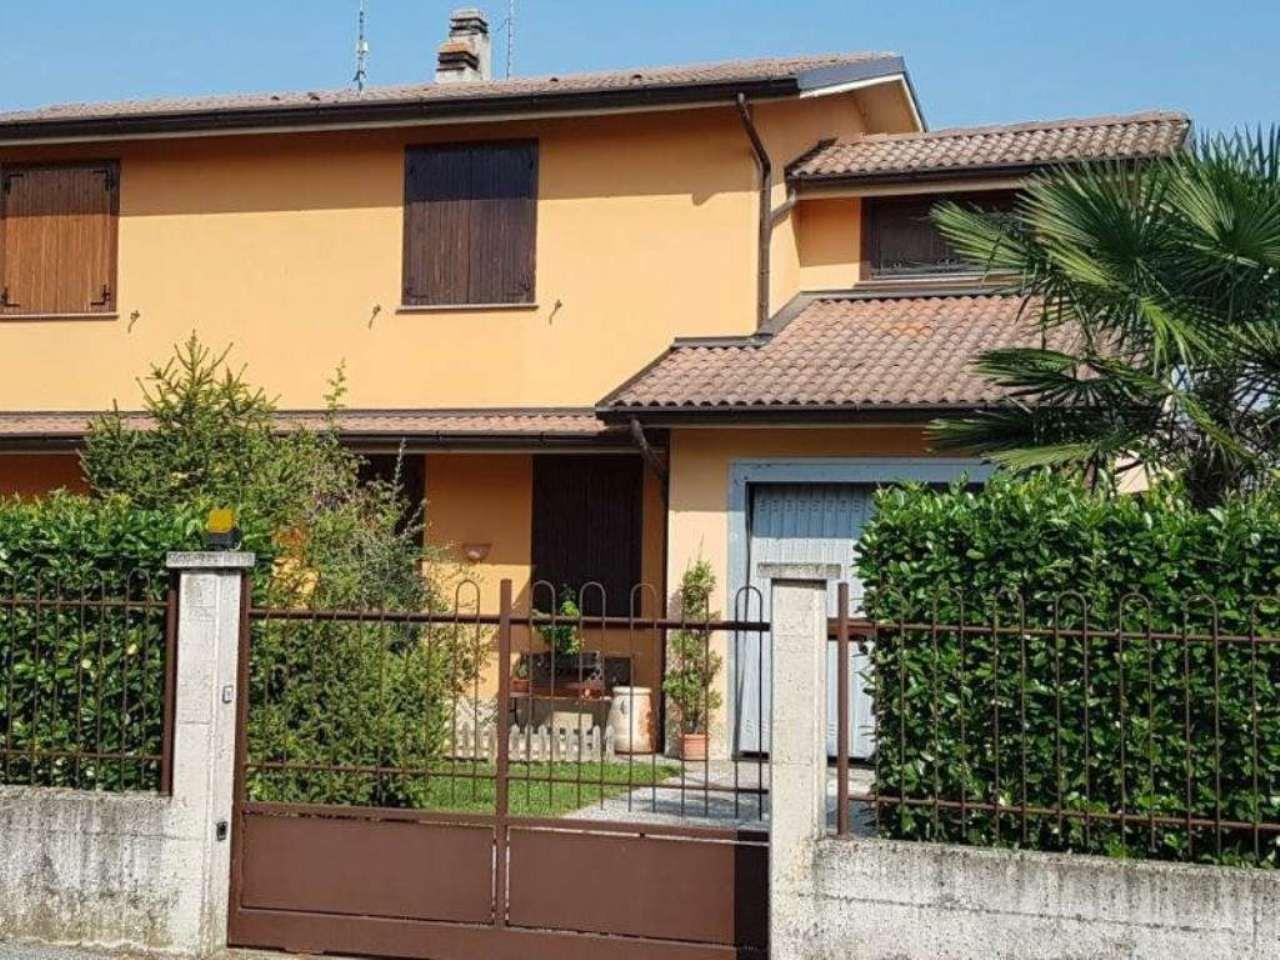 Villa Bifamiliare in Vendita a Lodi